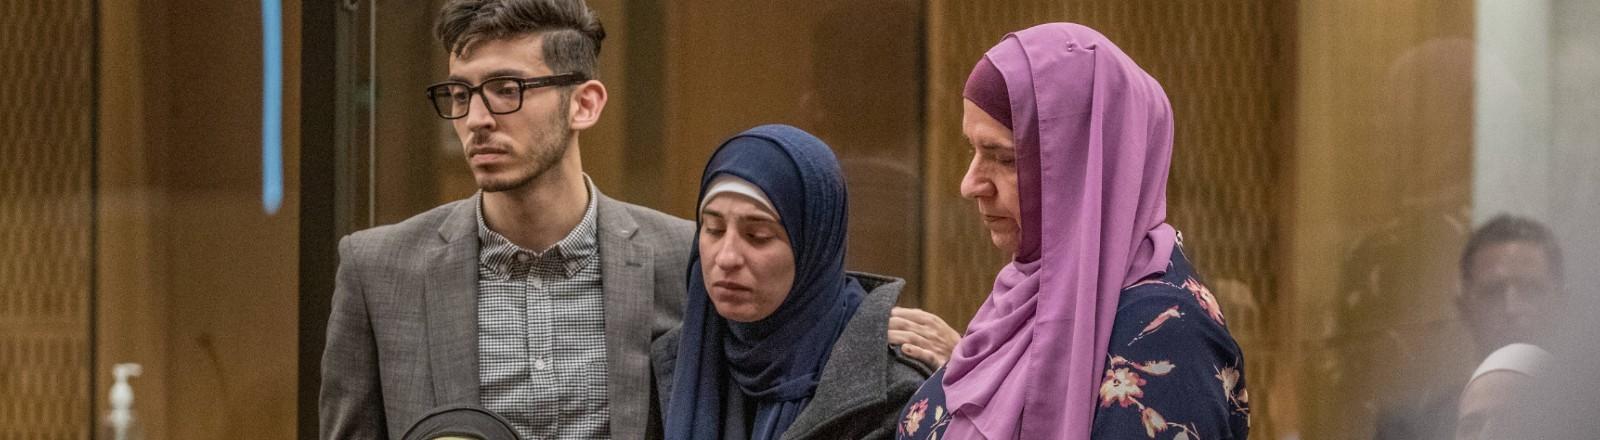 Gerichtsprozess zu Anschlag vom 15. März 2019 in Christchurch. Das Bild zeigt die Familie eines der Opfer